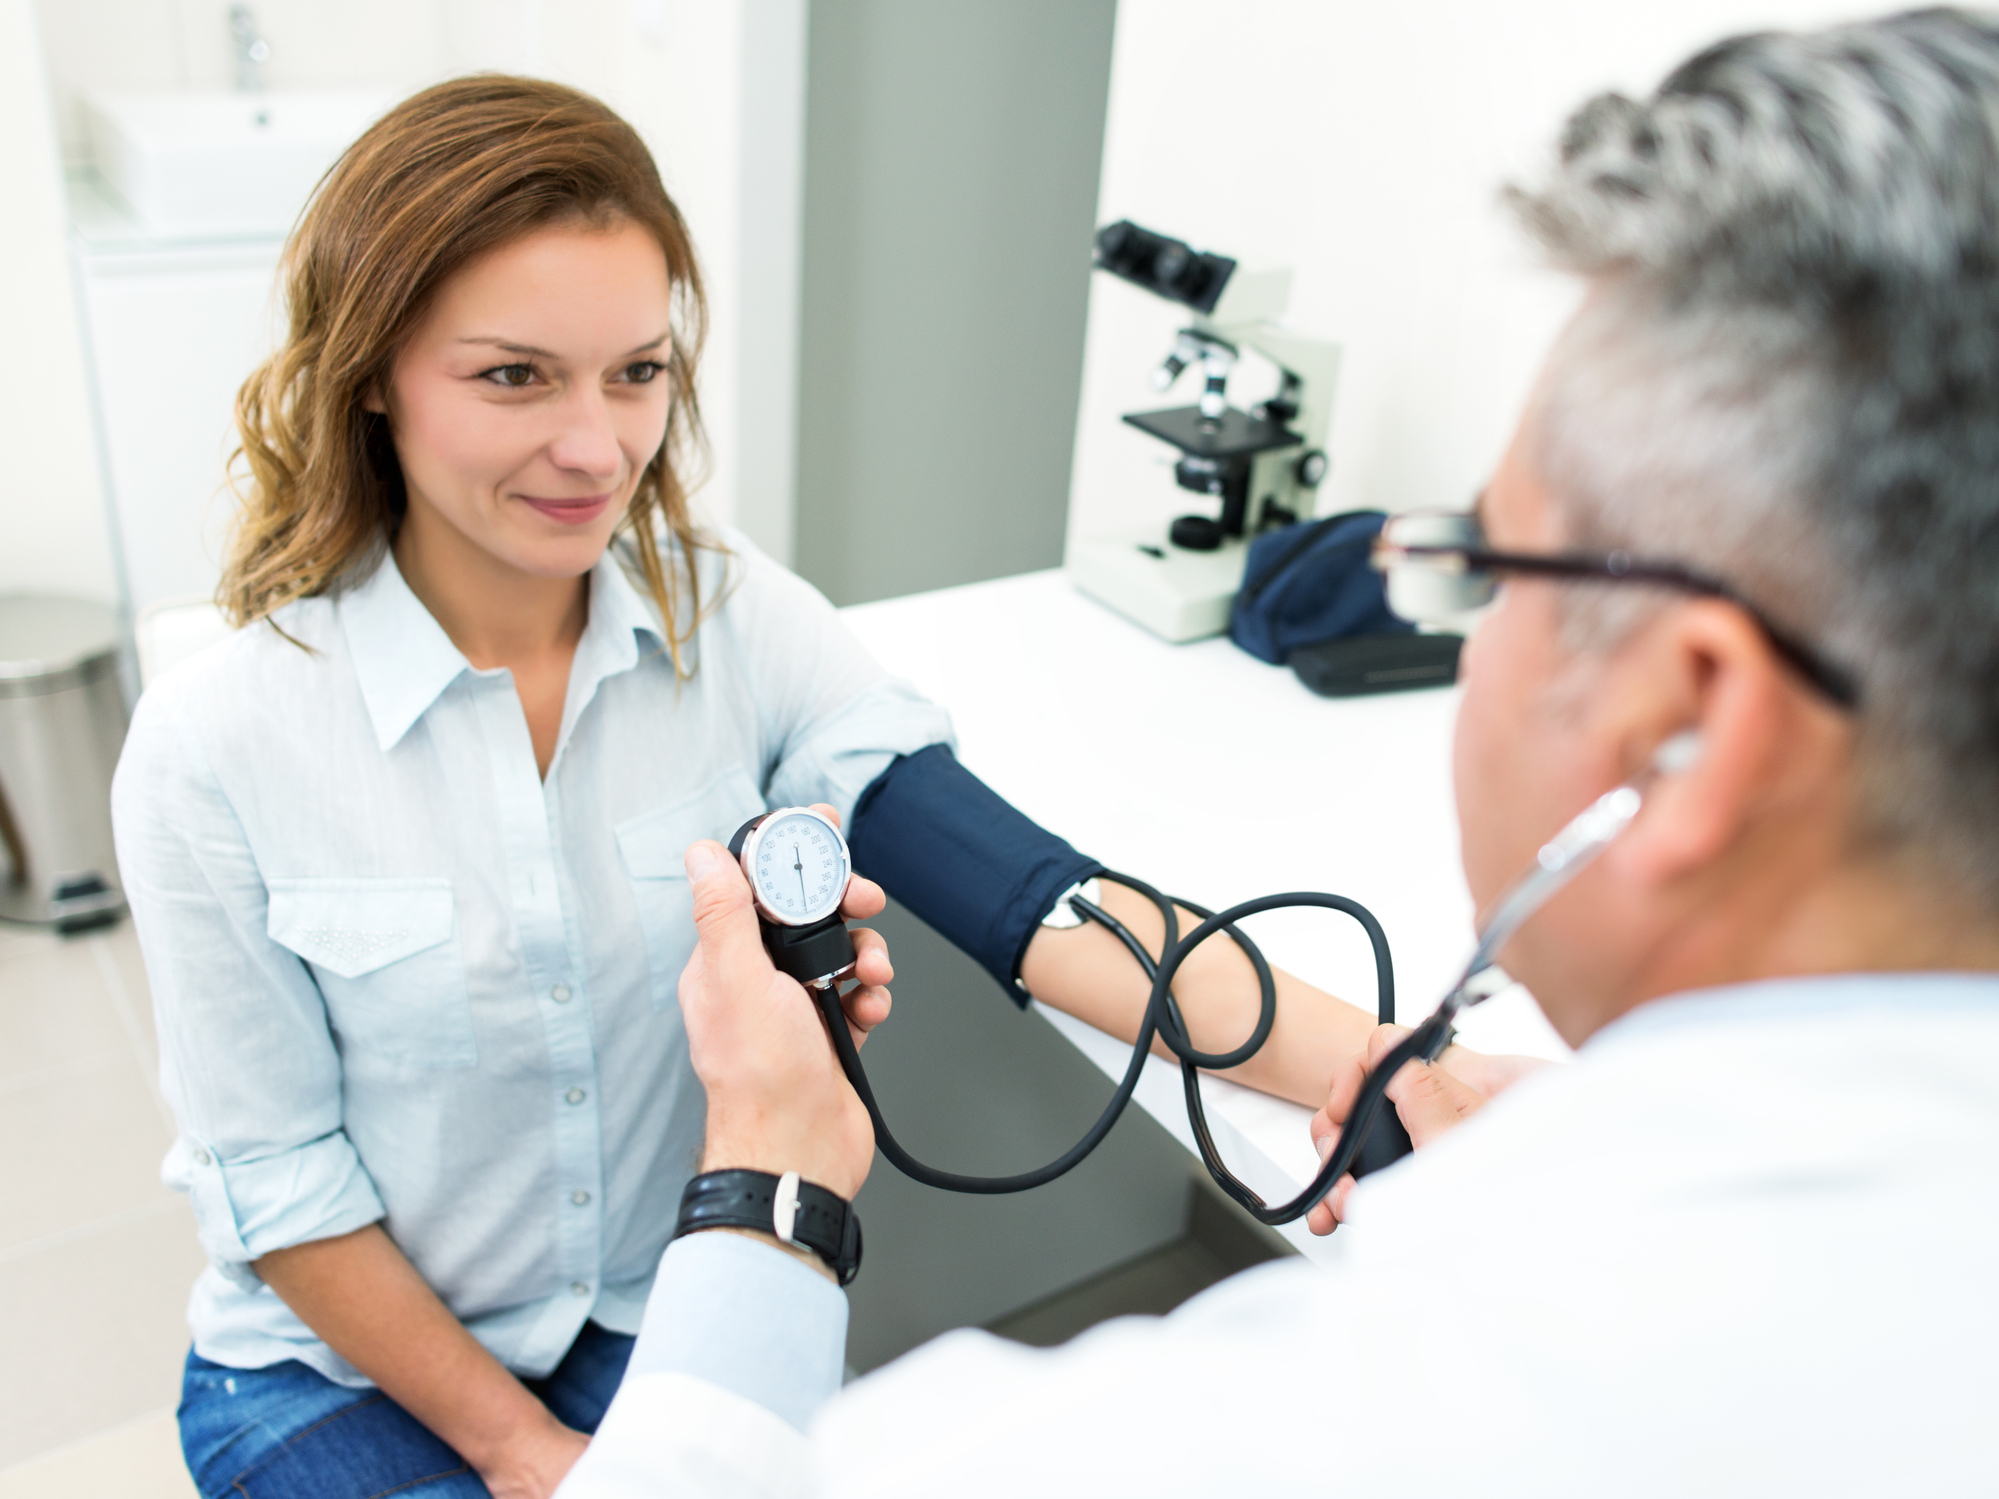 Amit a Valocordin segíthet: ideges, szív- és egyéb betegségek